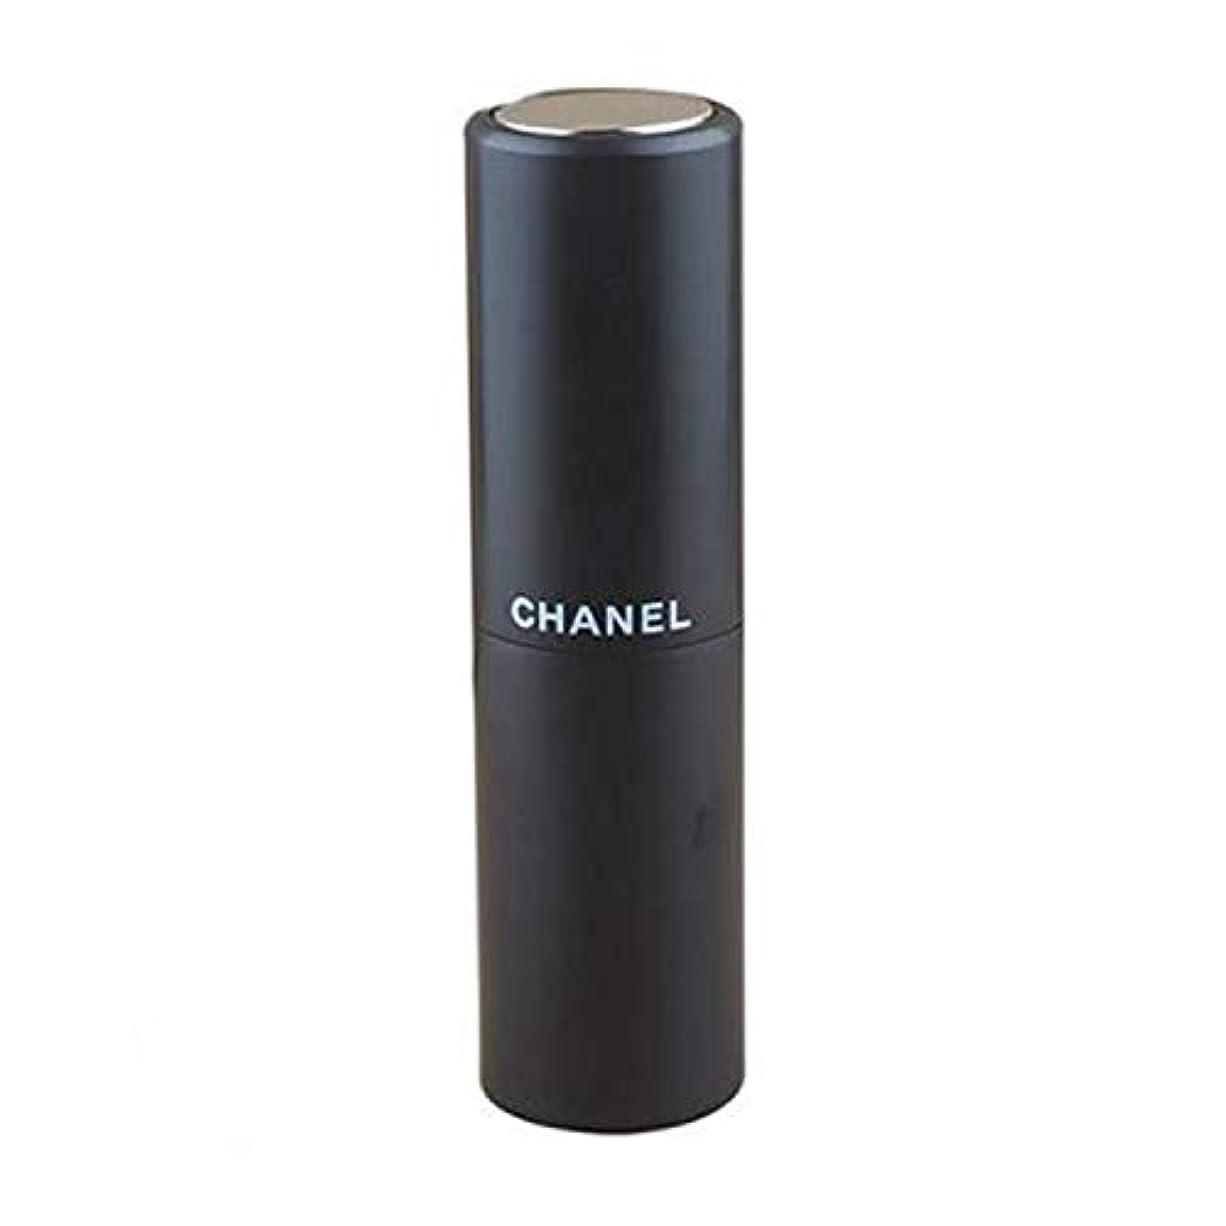 第四刃リボンアトマイザー 詰め替え SAWANT アトマイザー 香水 容器香水詰め替え ボトル スプレー 男女兼用香水 ボトル ブラック 20ML …